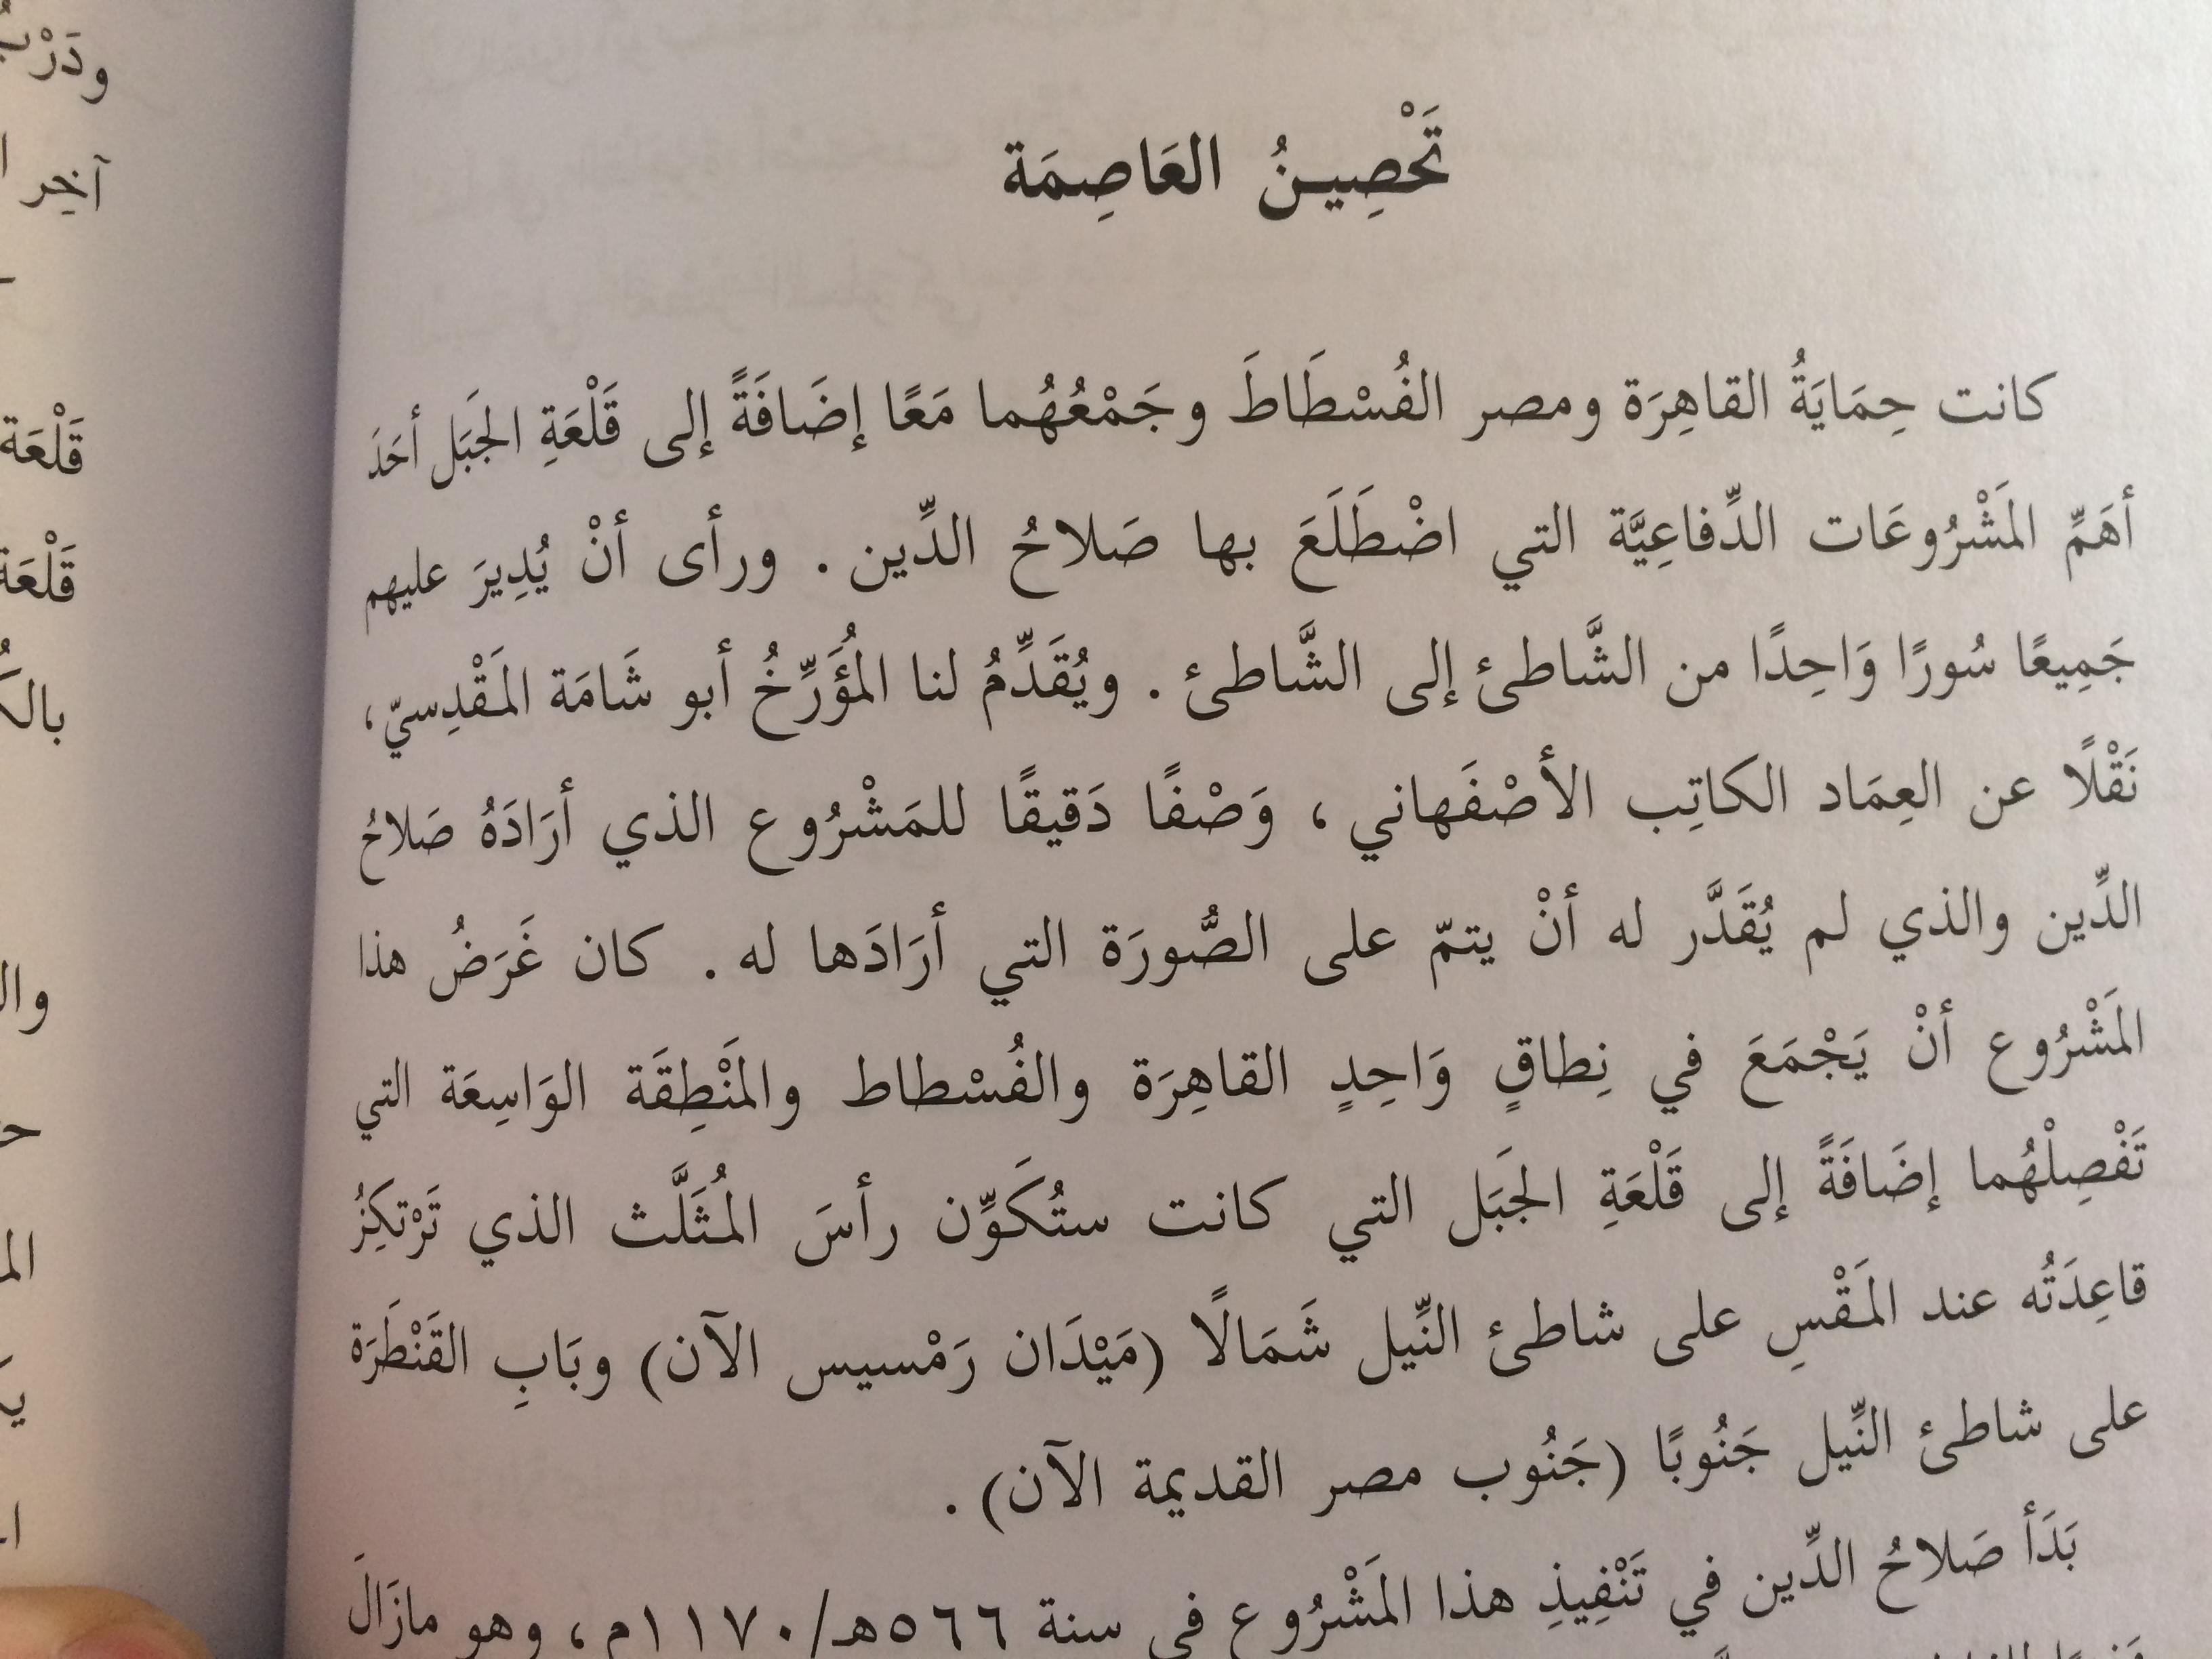 القاهرة في عصر الأيوبيين